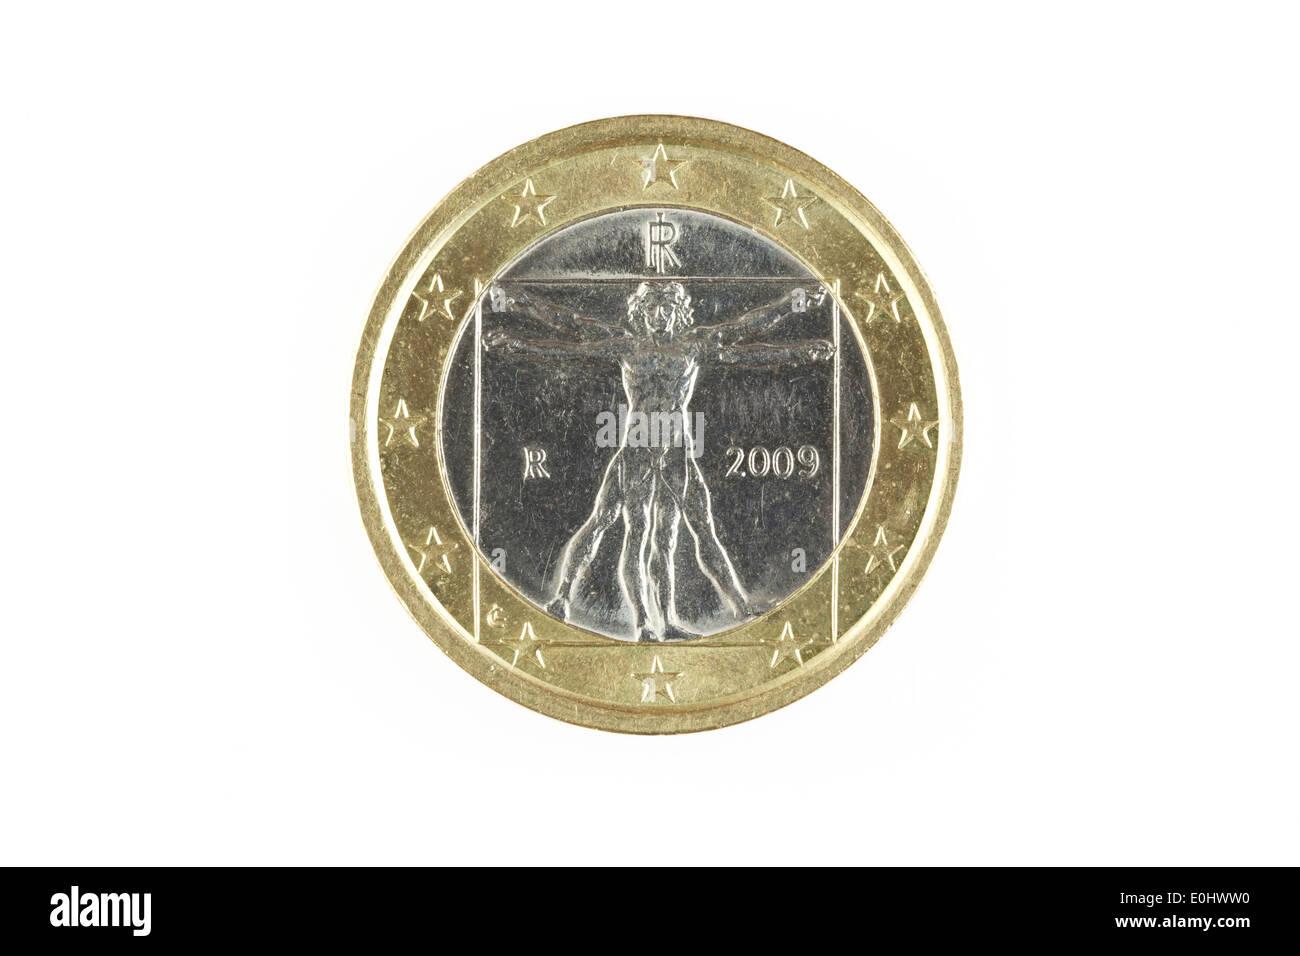 Italienischen 1 Euro Münze Isoliert Auf Weißem Hintergrund Stockfoto